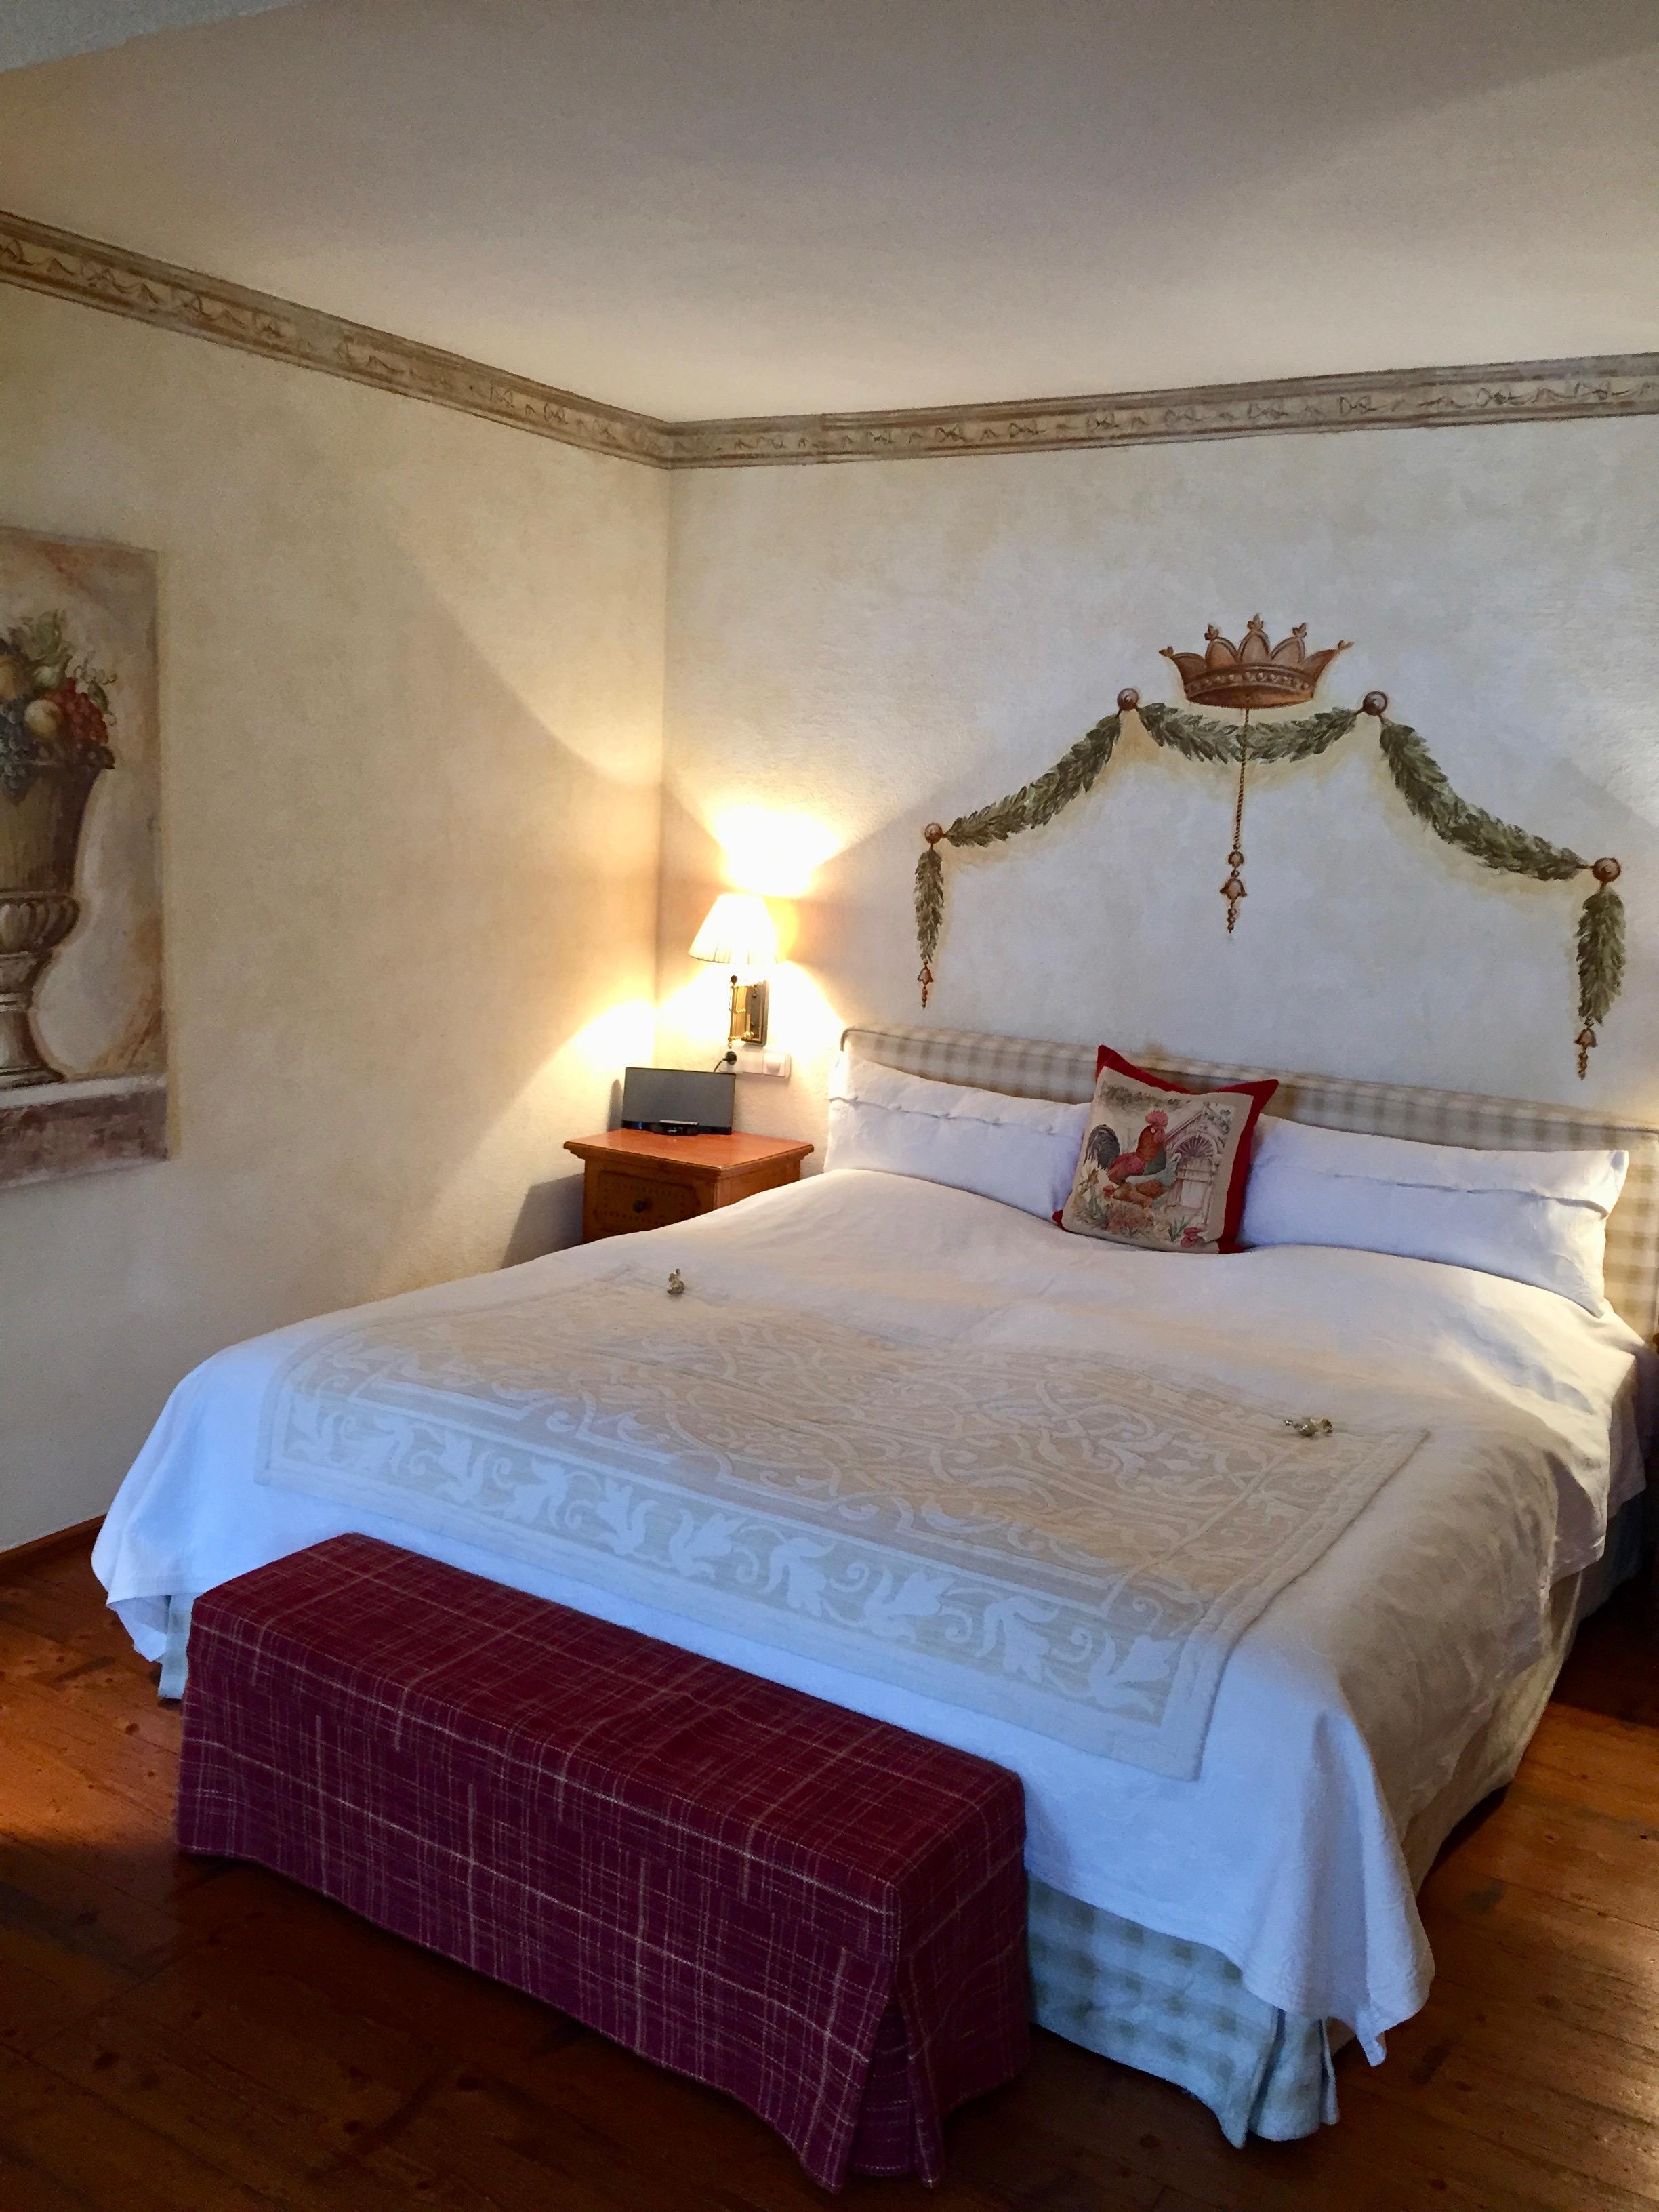 achenkirk, austria hotel room